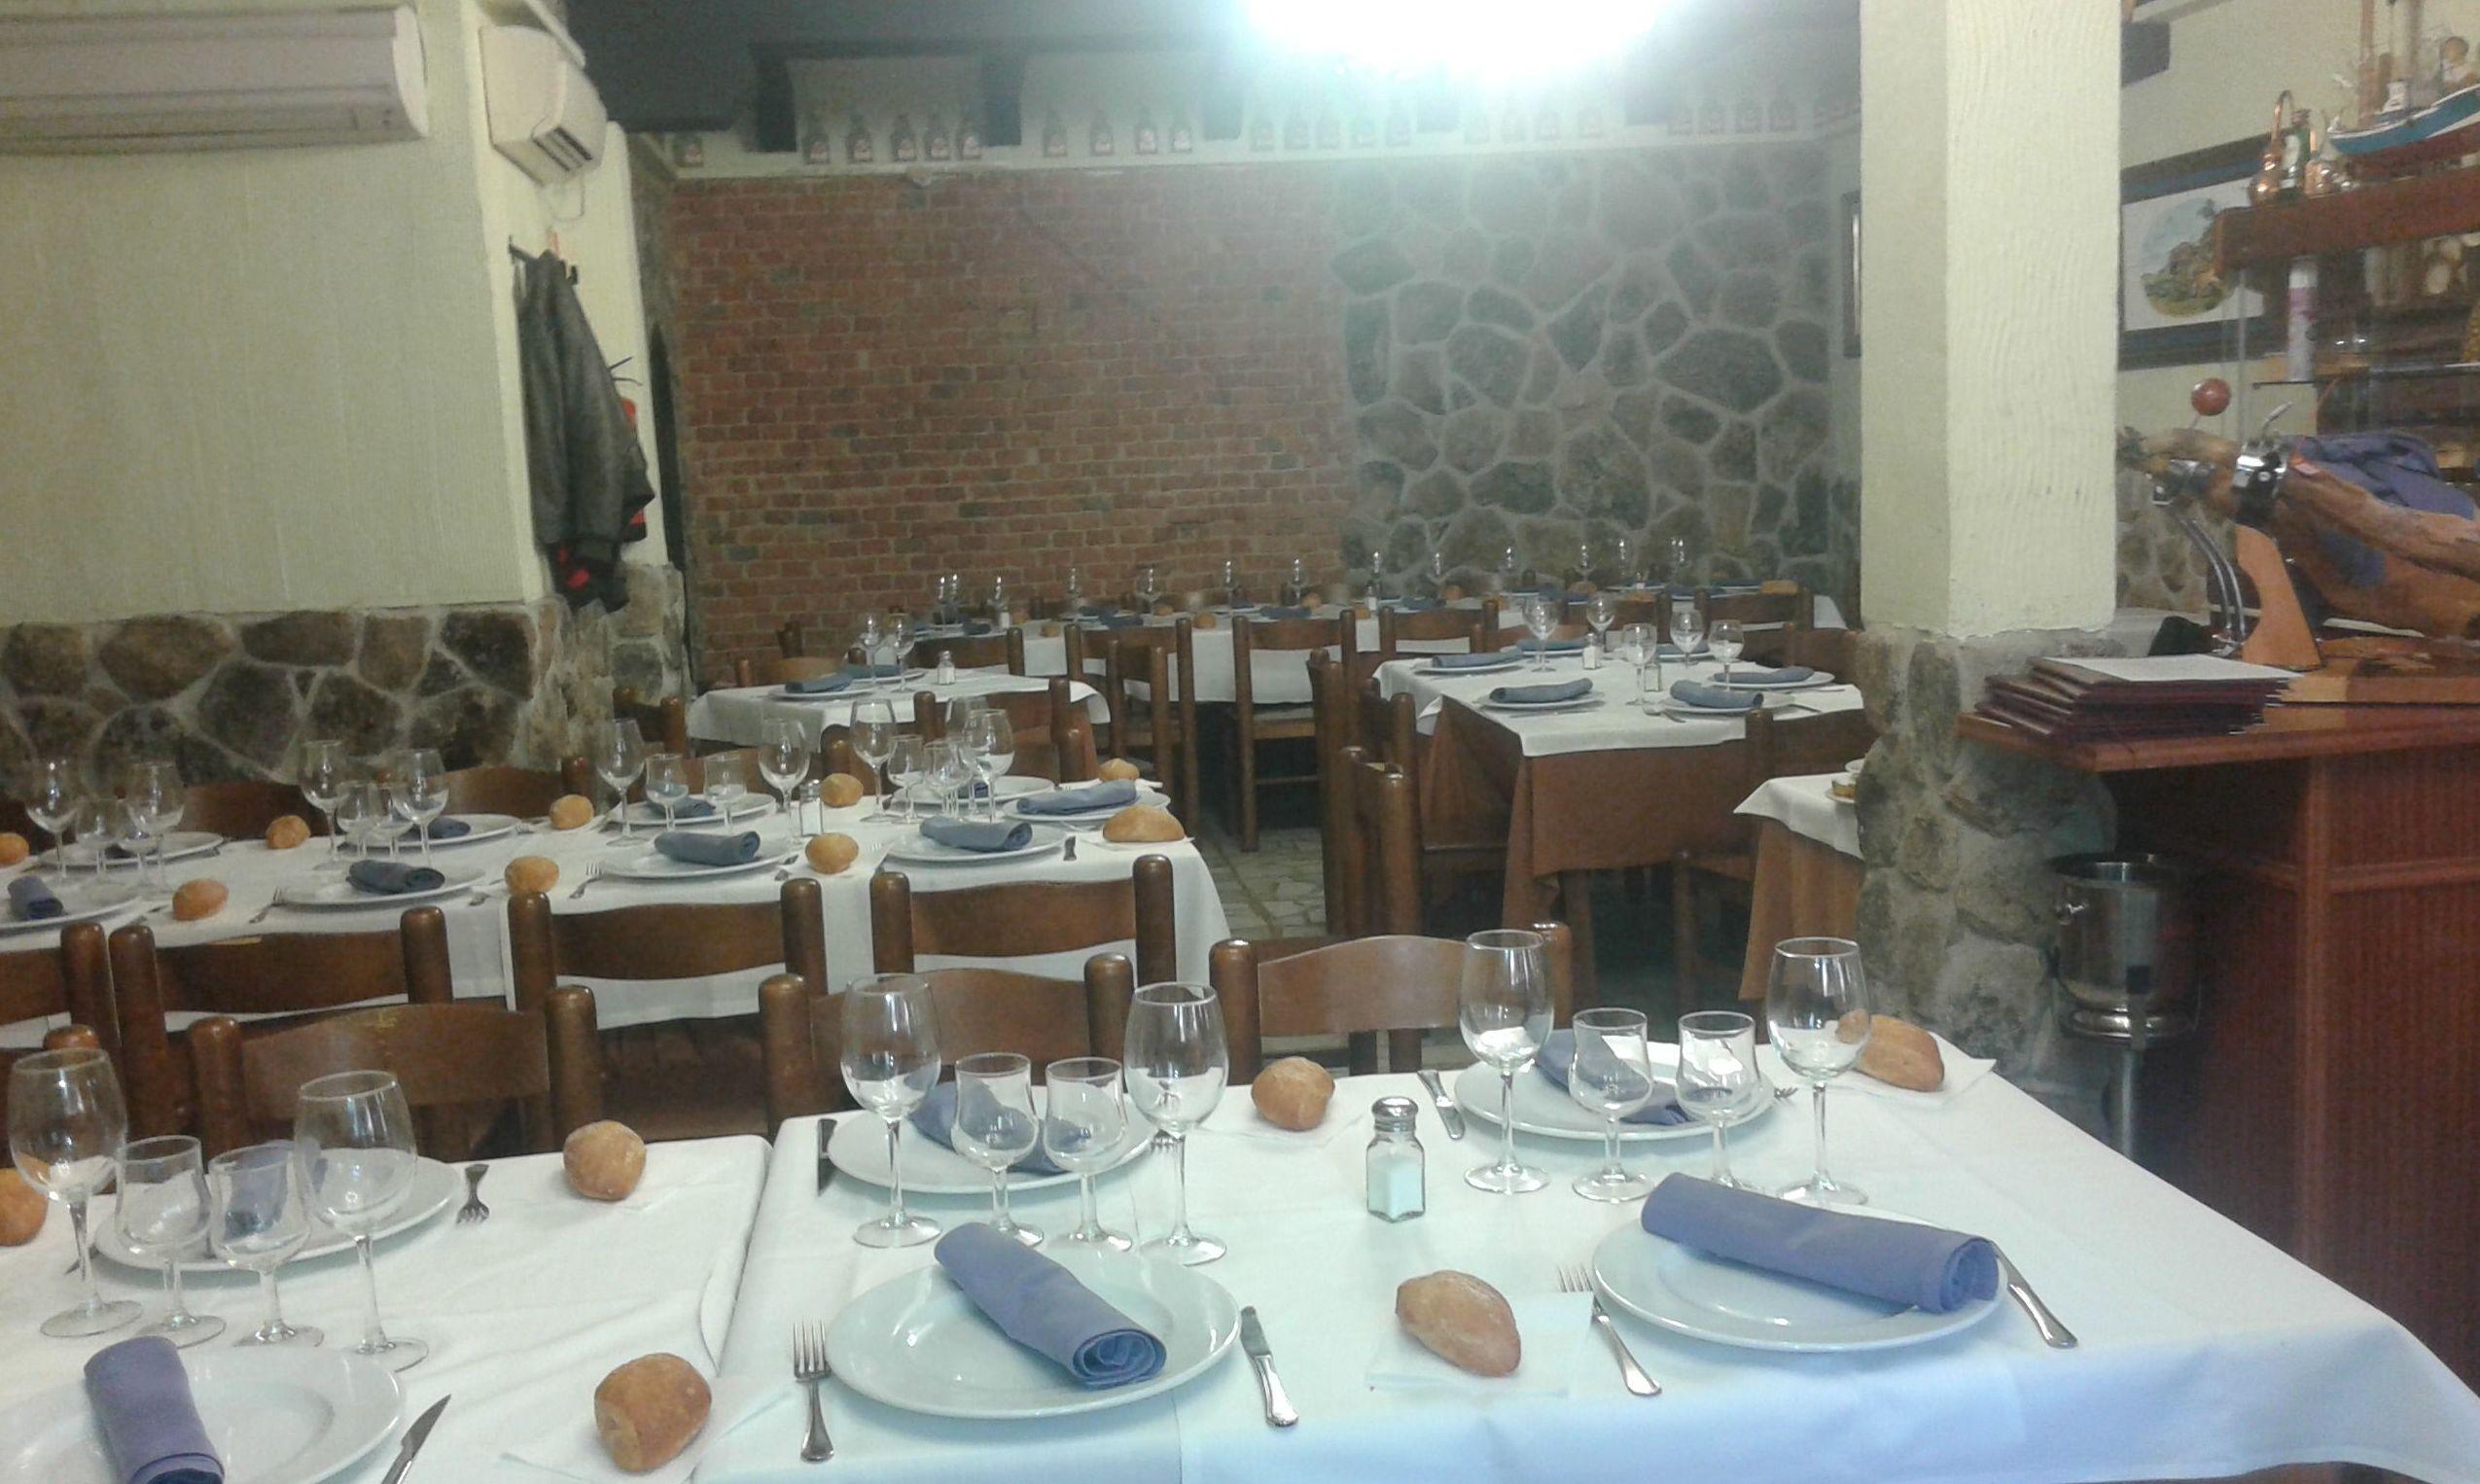 Foto 11 de Cocina asturiana en Guadalix de la Sierra   Restauranate Asturiano el Principado